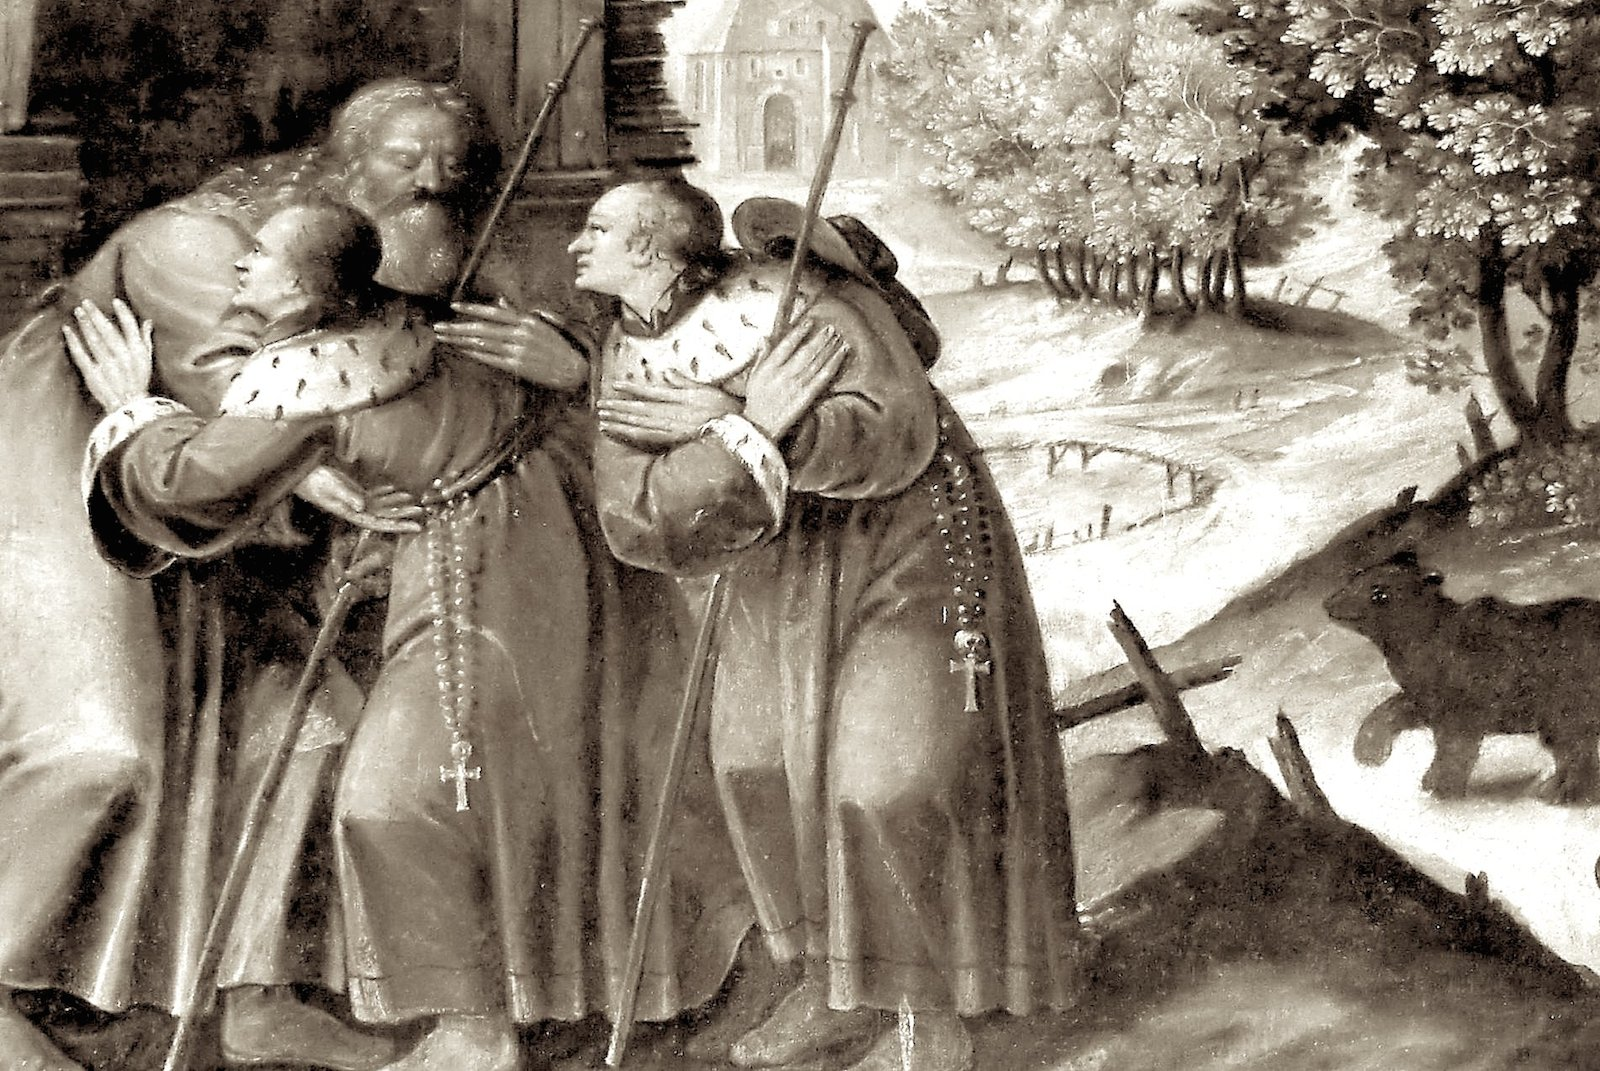 Cыновья приходят к своему святому отцу..